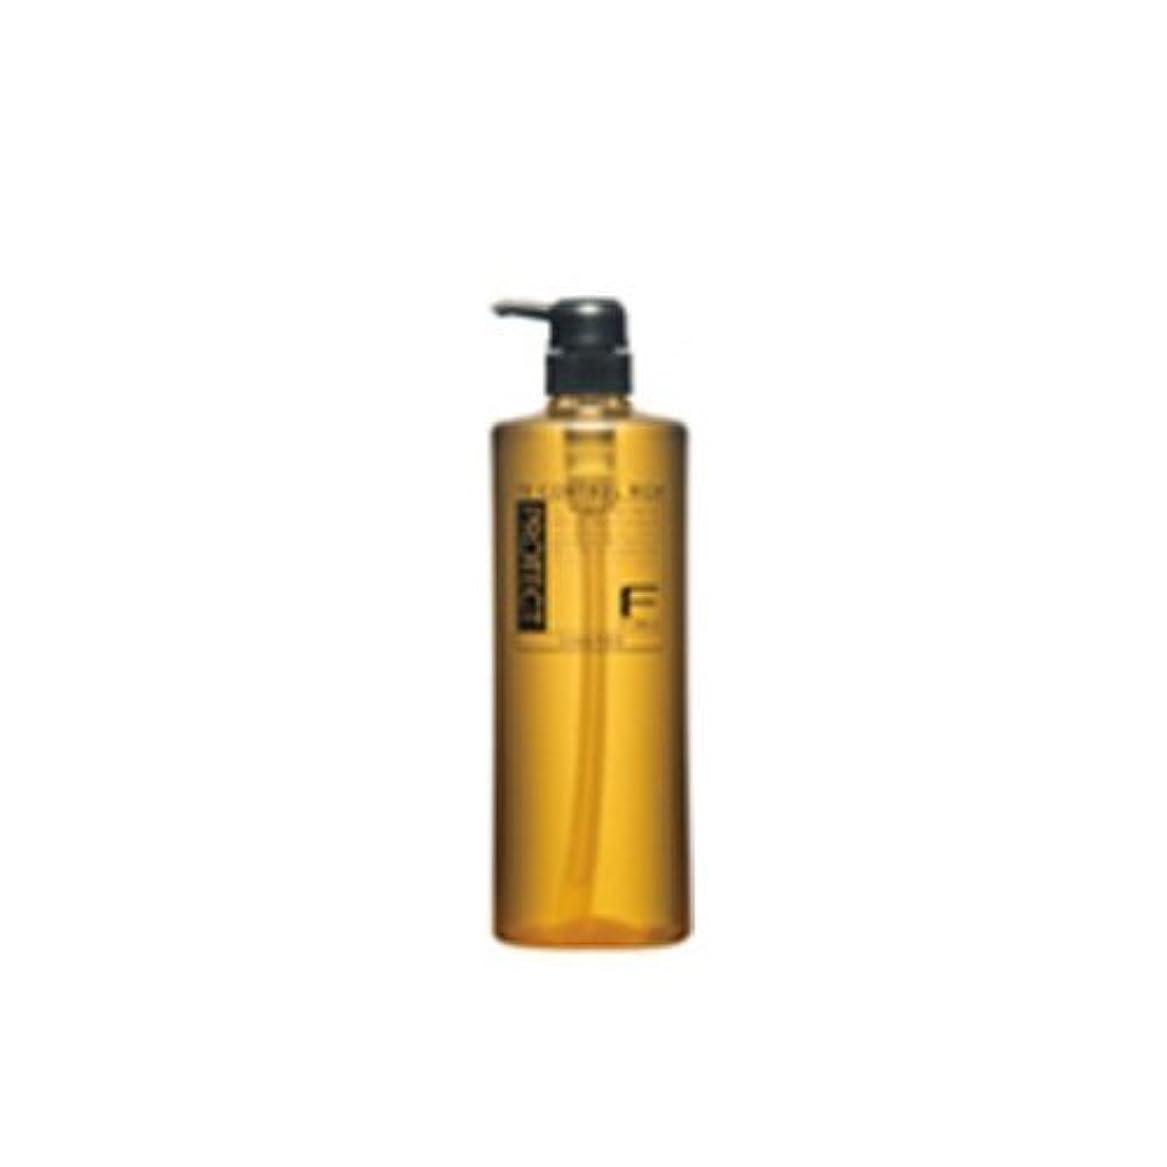 露骨な消毒剤件名フィヨーレ Fプロテクト シャンプー リッチ 1000ml